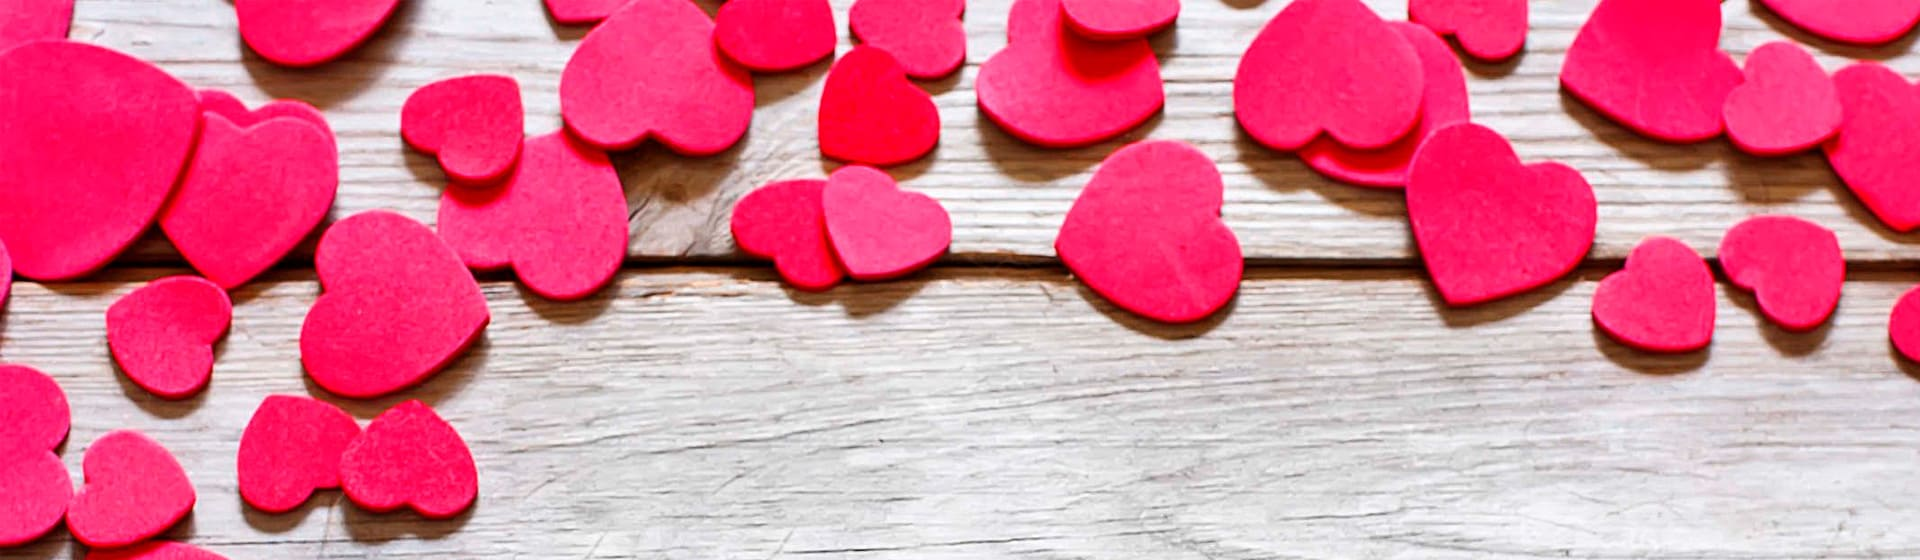 Сердца - Мерч и одежда с атрибутикой